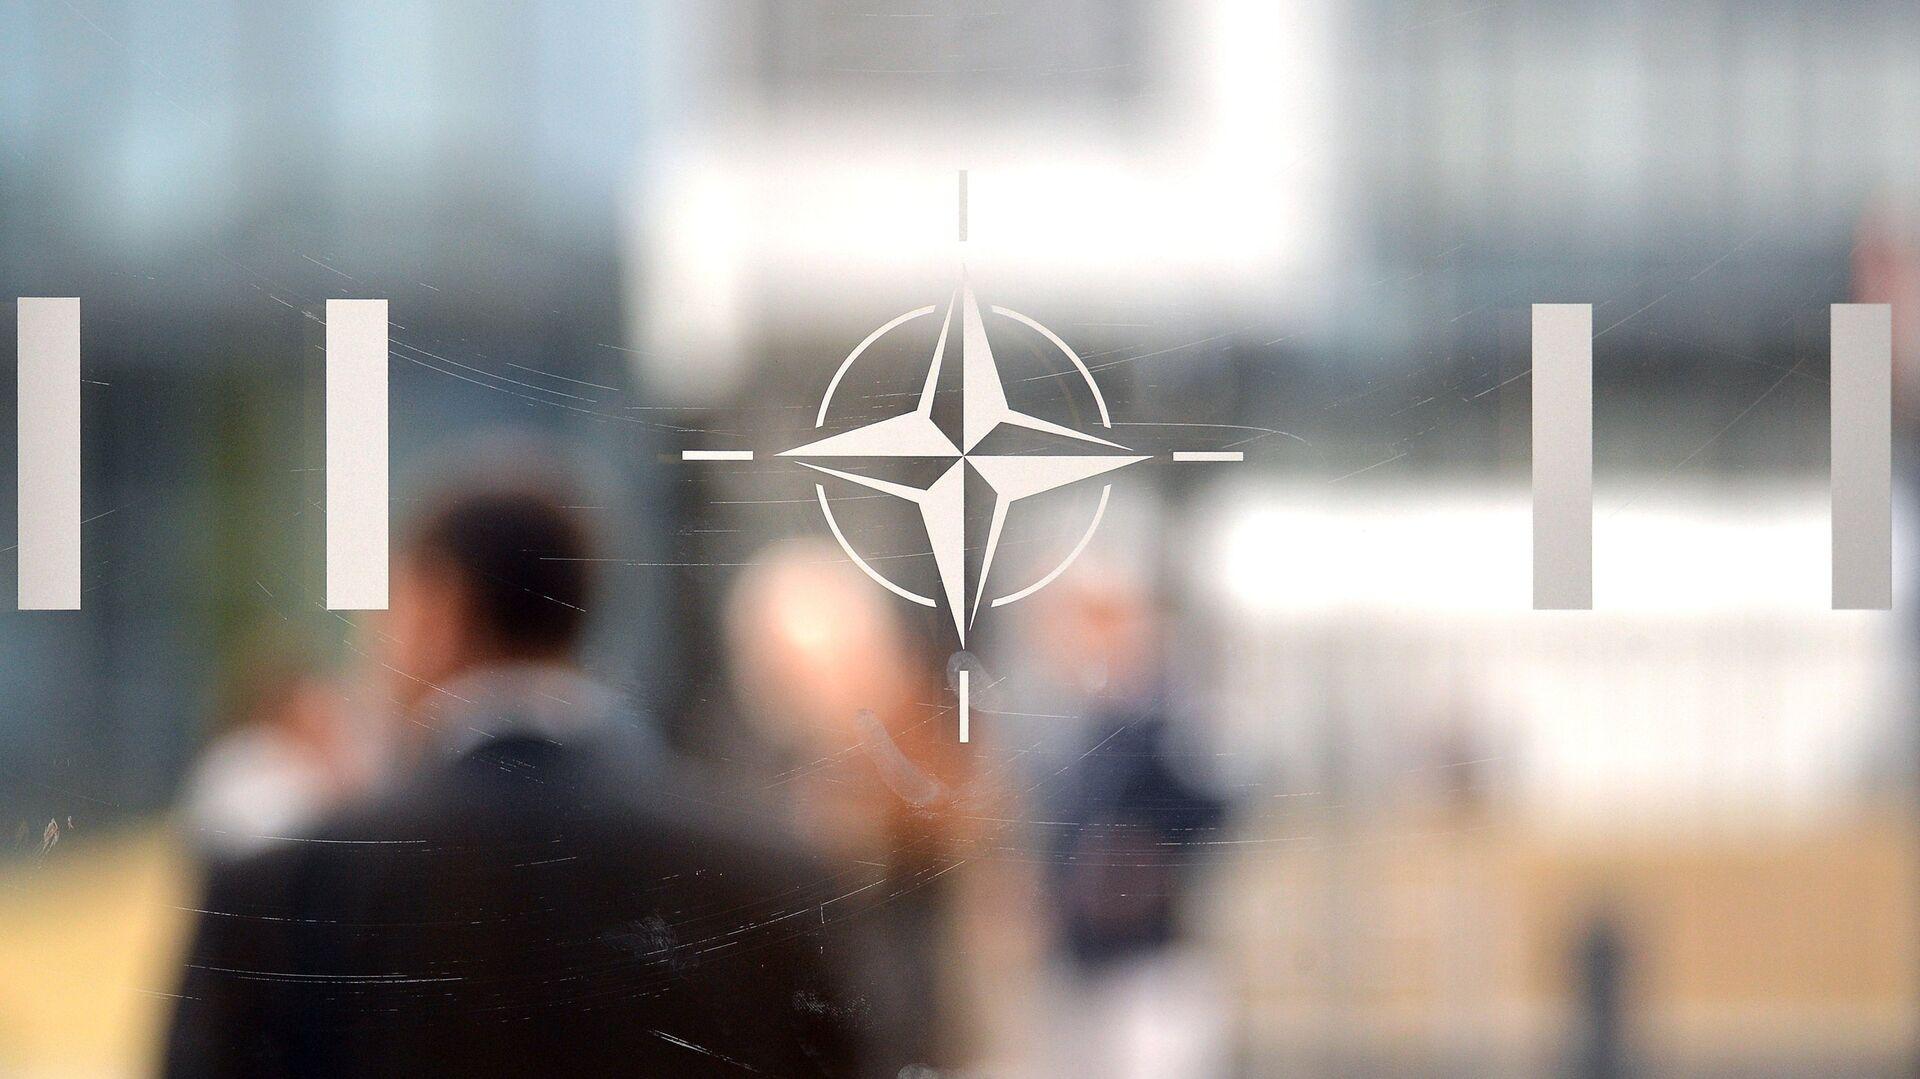 Эмблема Организации Североатлантического договора (НАТО) в Брюсселе - РИА Новости, 1920, 14.06.2021